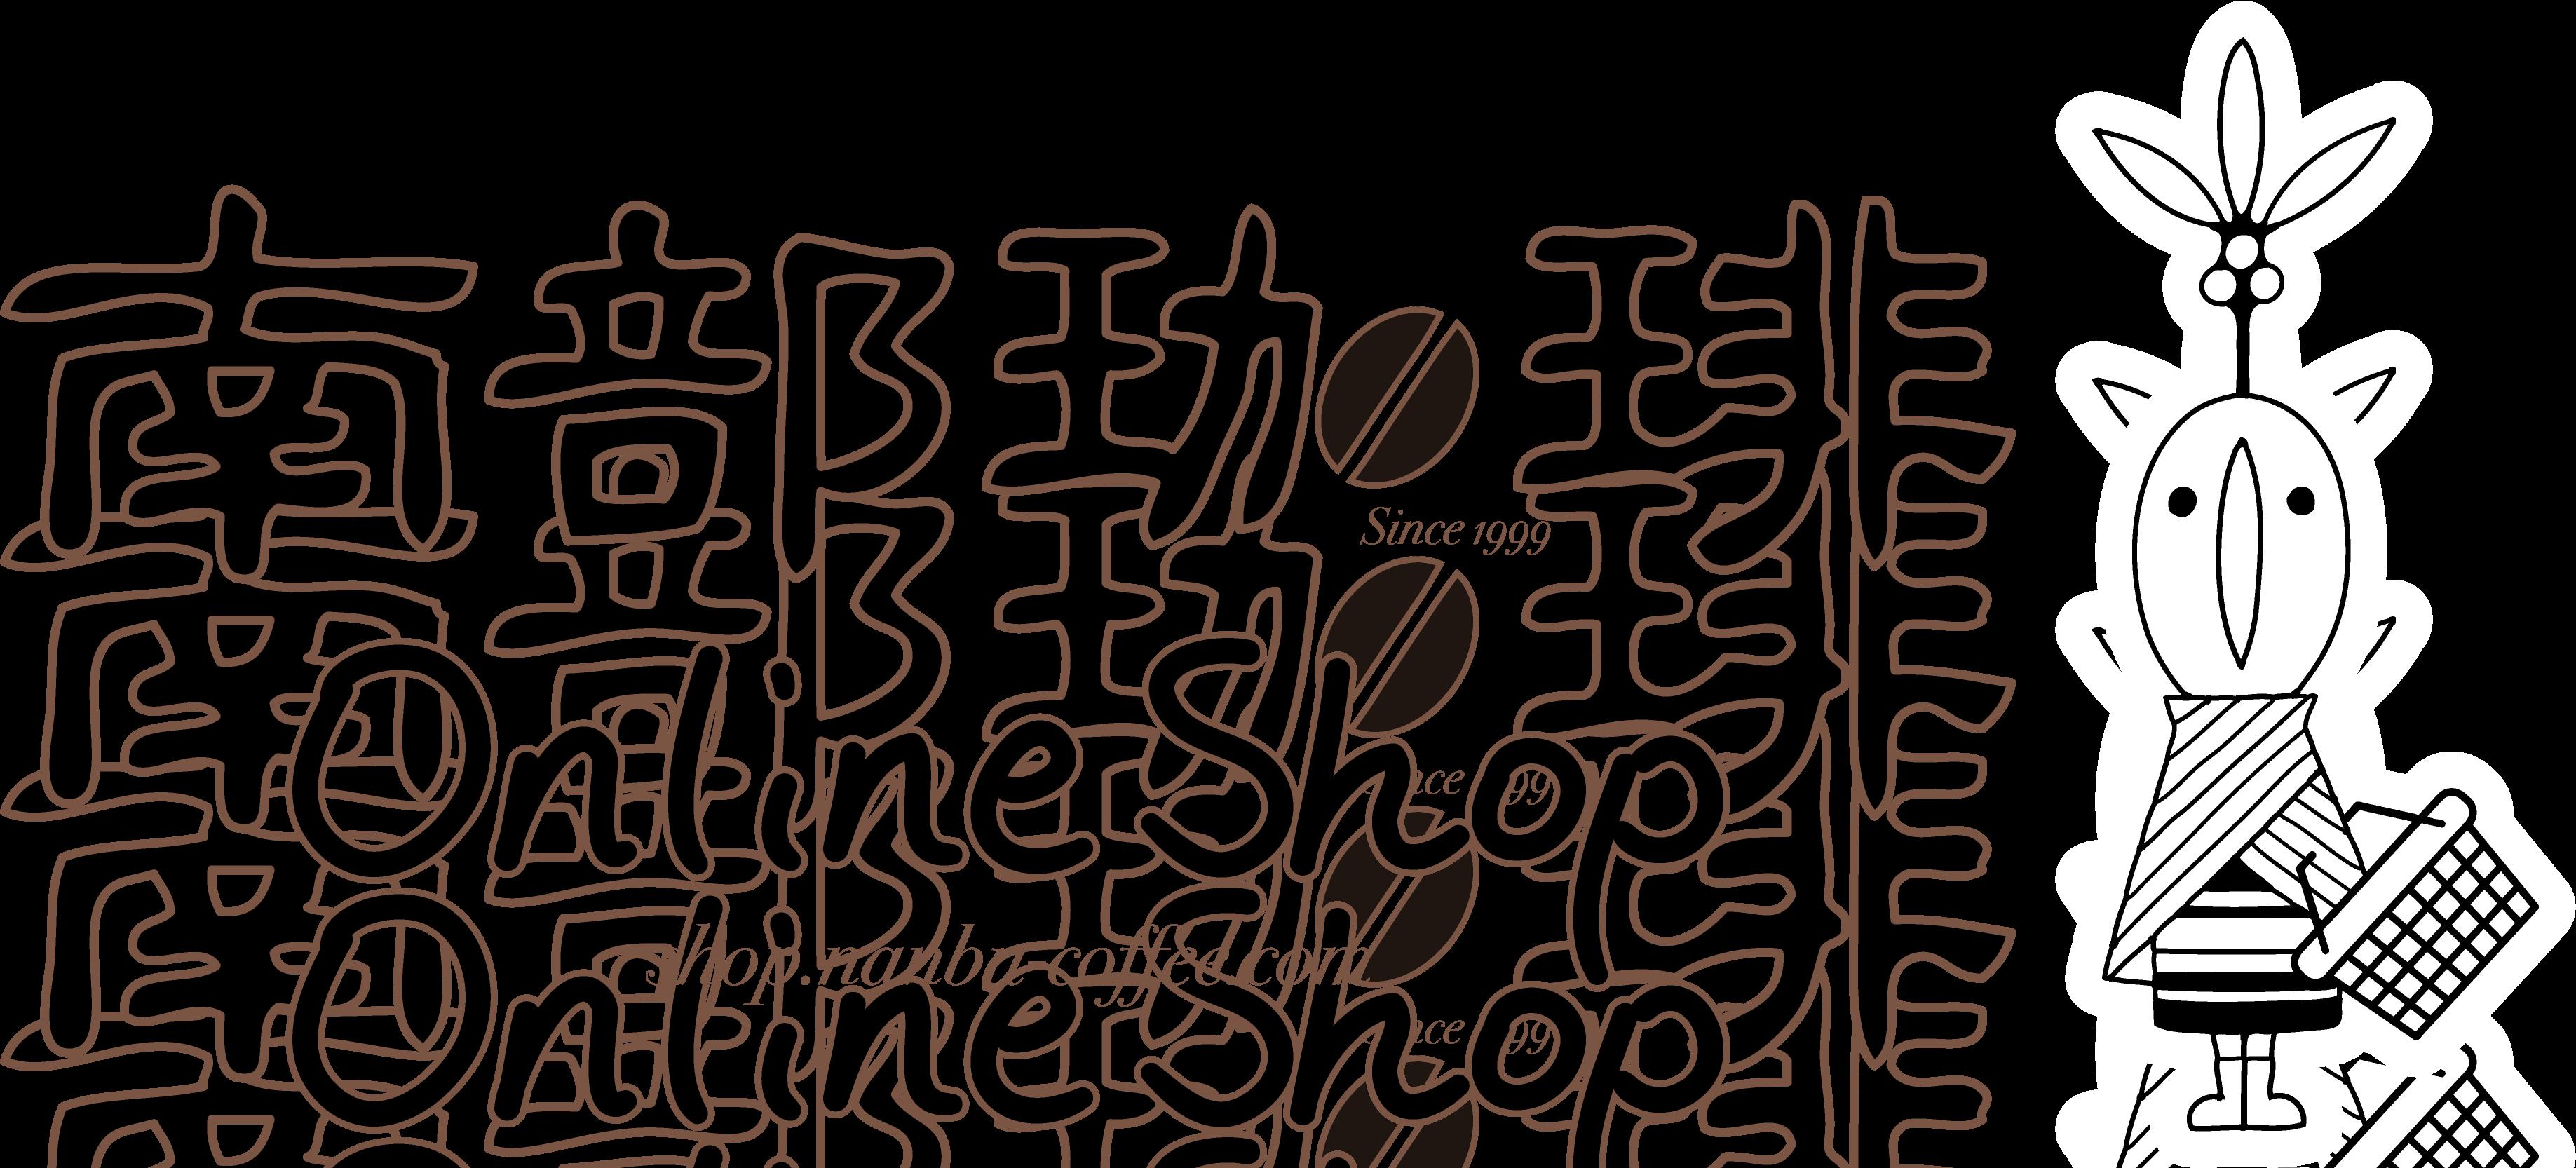 南部珈琲 ナンブコーヒー Online Shop